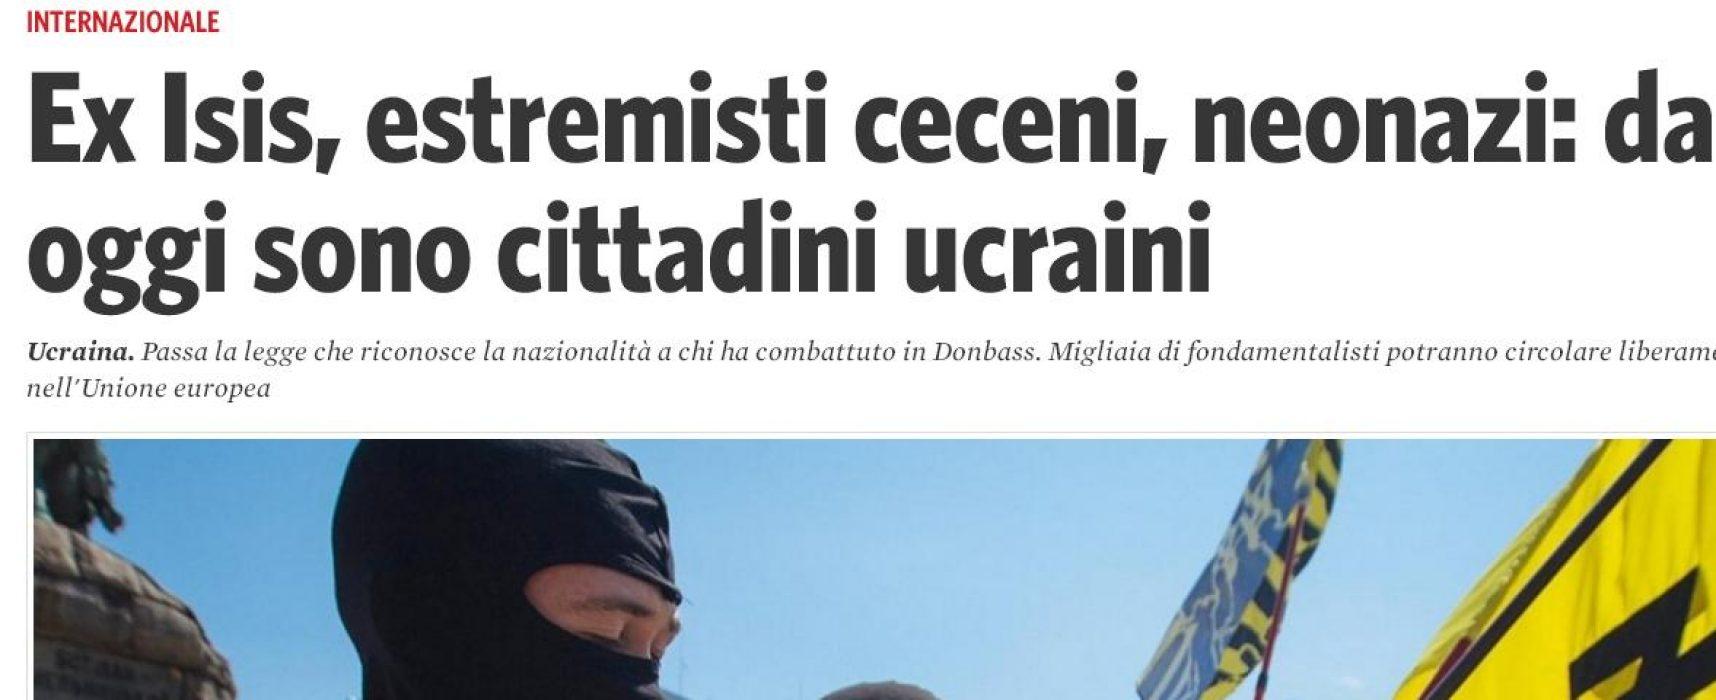 Fake de Il Manifesto : Ex Isis, estremisti ceceni, neonazi: da oggi sono cittadini ucraini